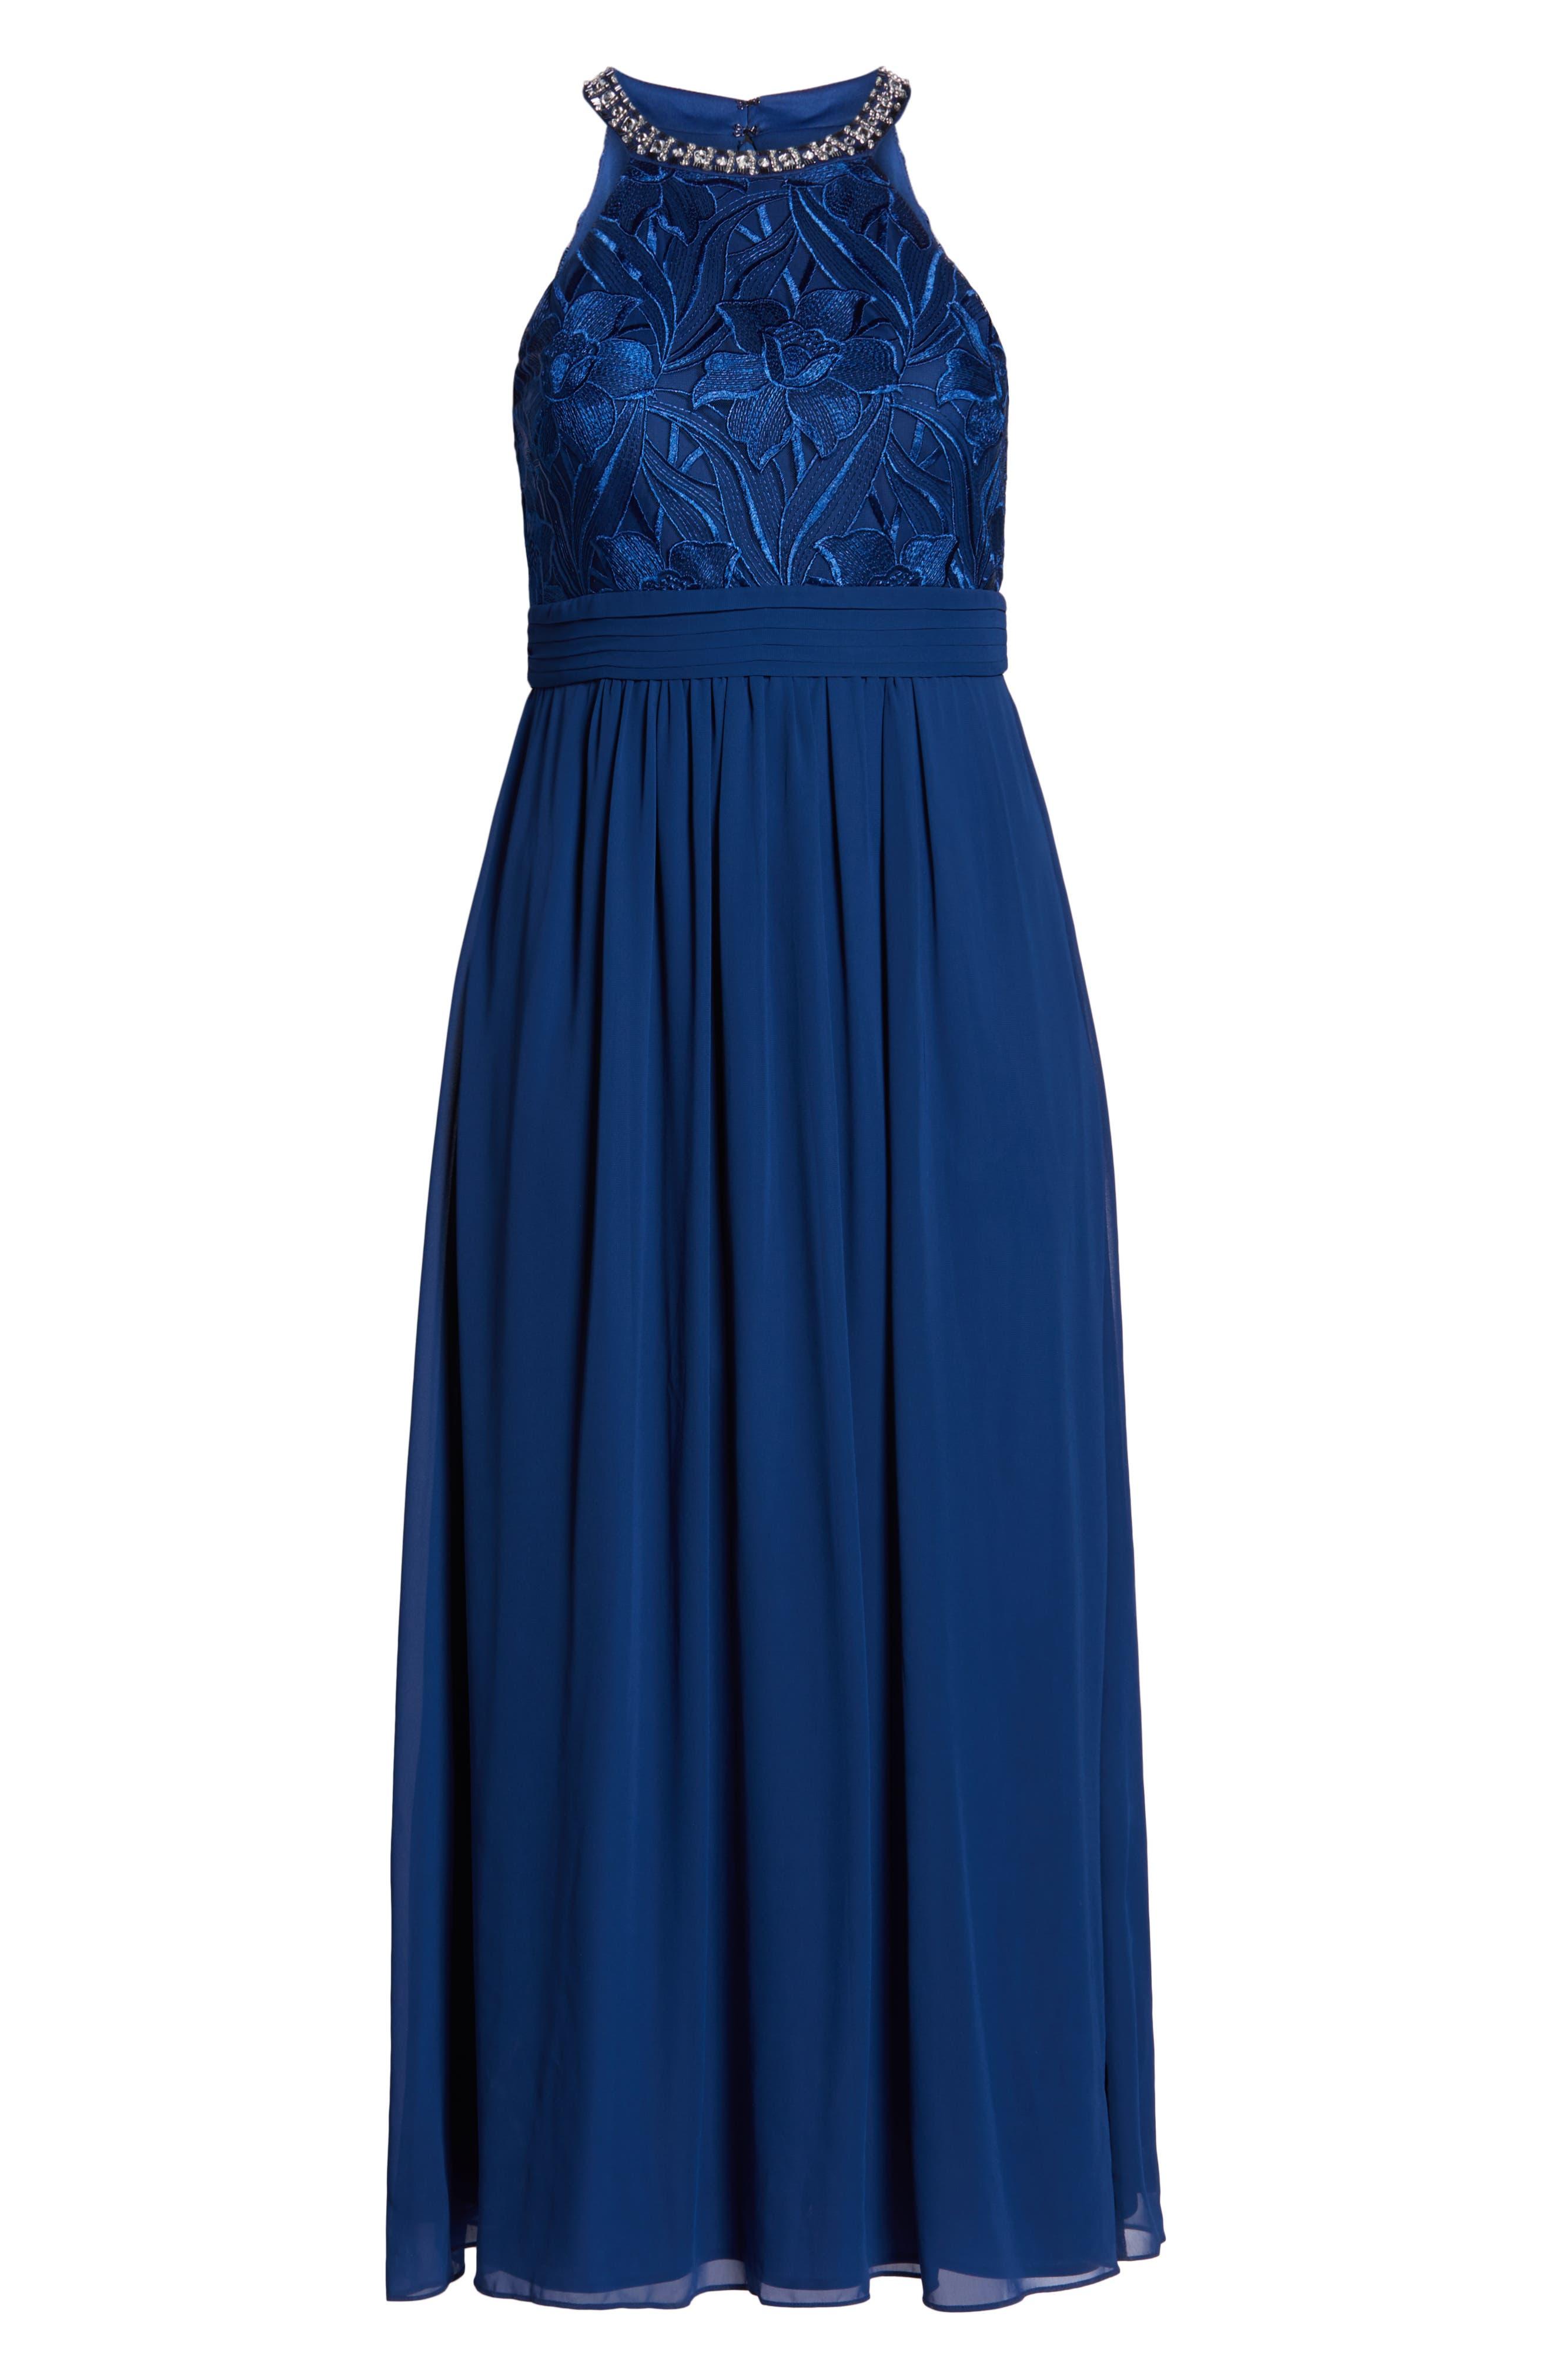 Crystal Embellished Halter Gown,                             Alternate thumbnail 3, color,                             430